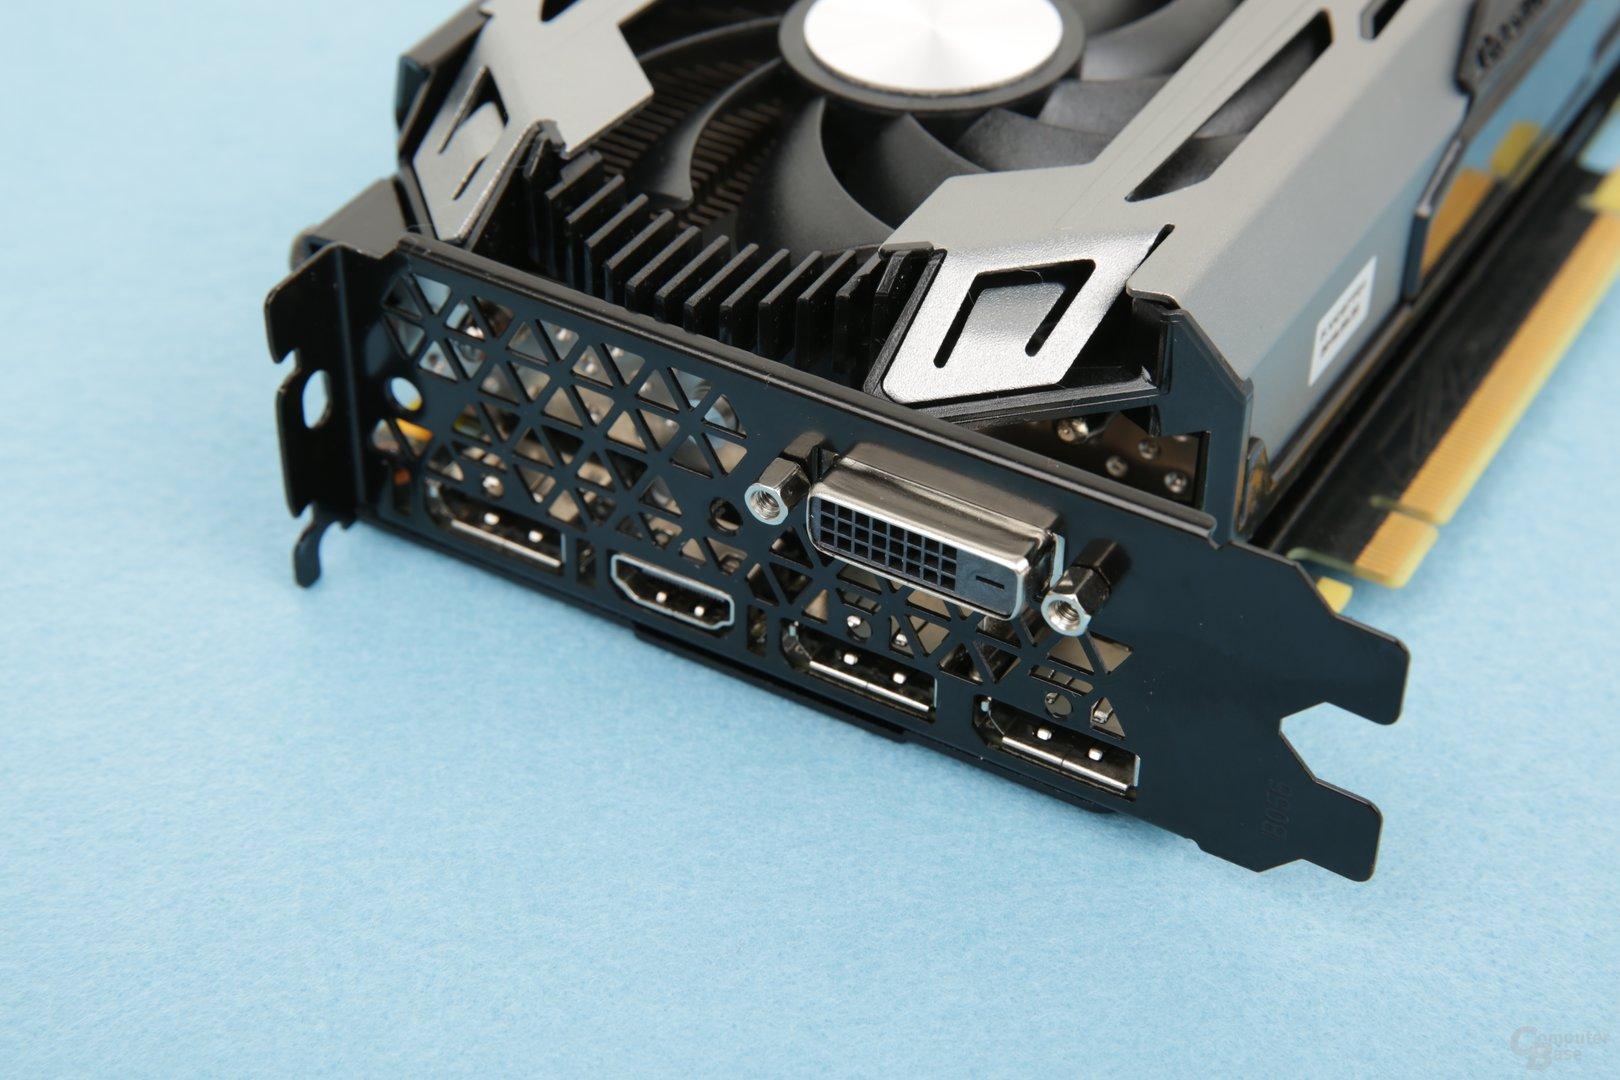 3 x DisplayPort 1.4, 1 x HDMI 2.0 und 1 x DVI